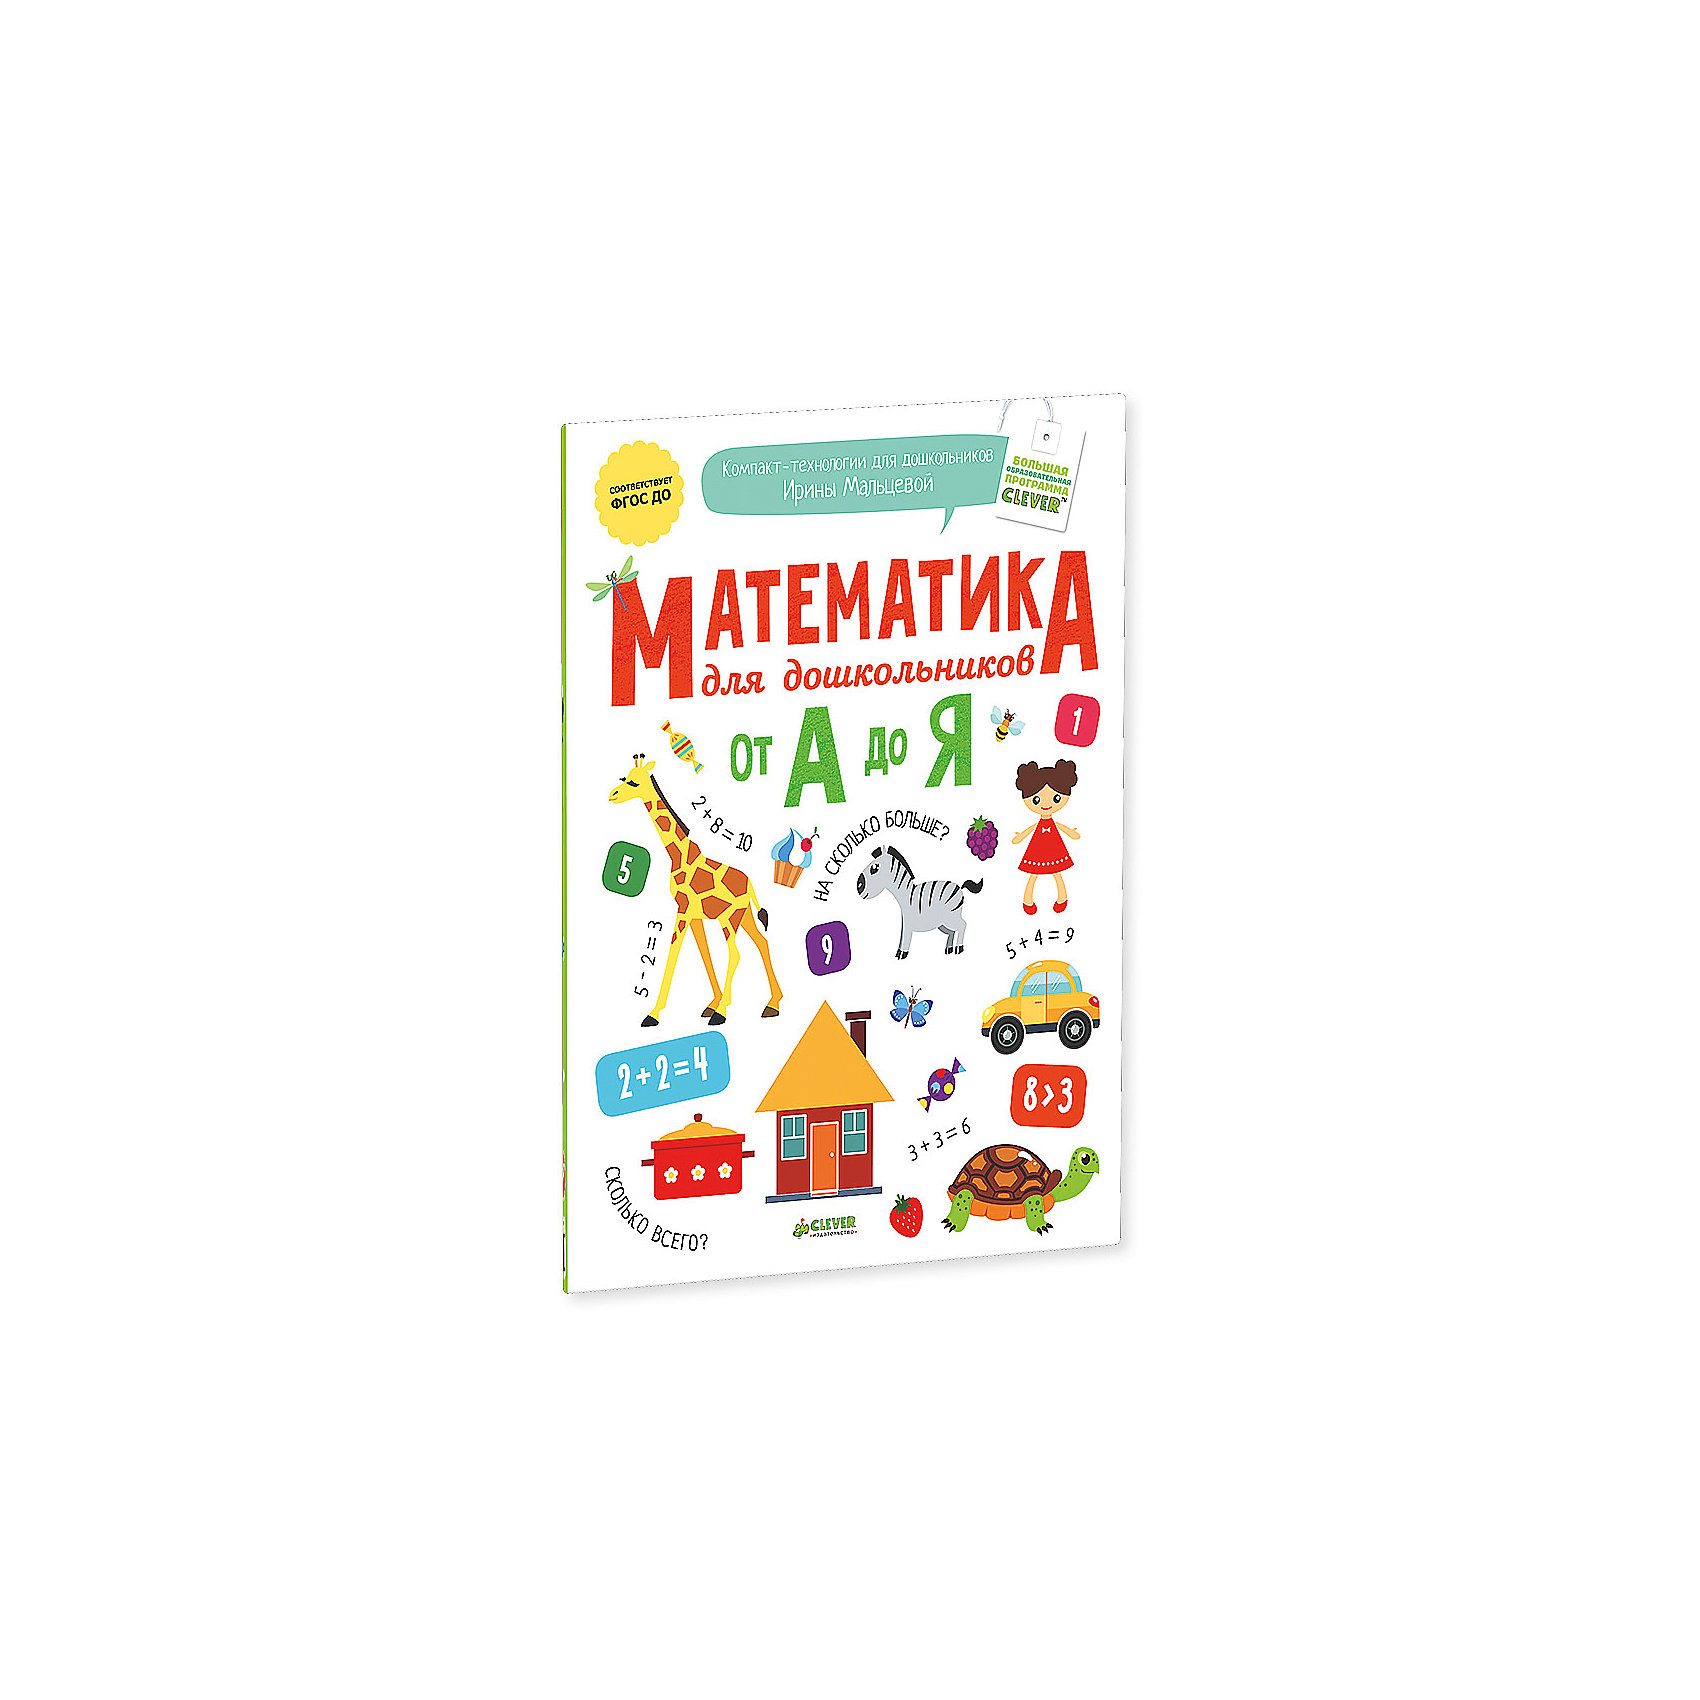 Математика для дошкольников от А до Я, Ирина Мальцева